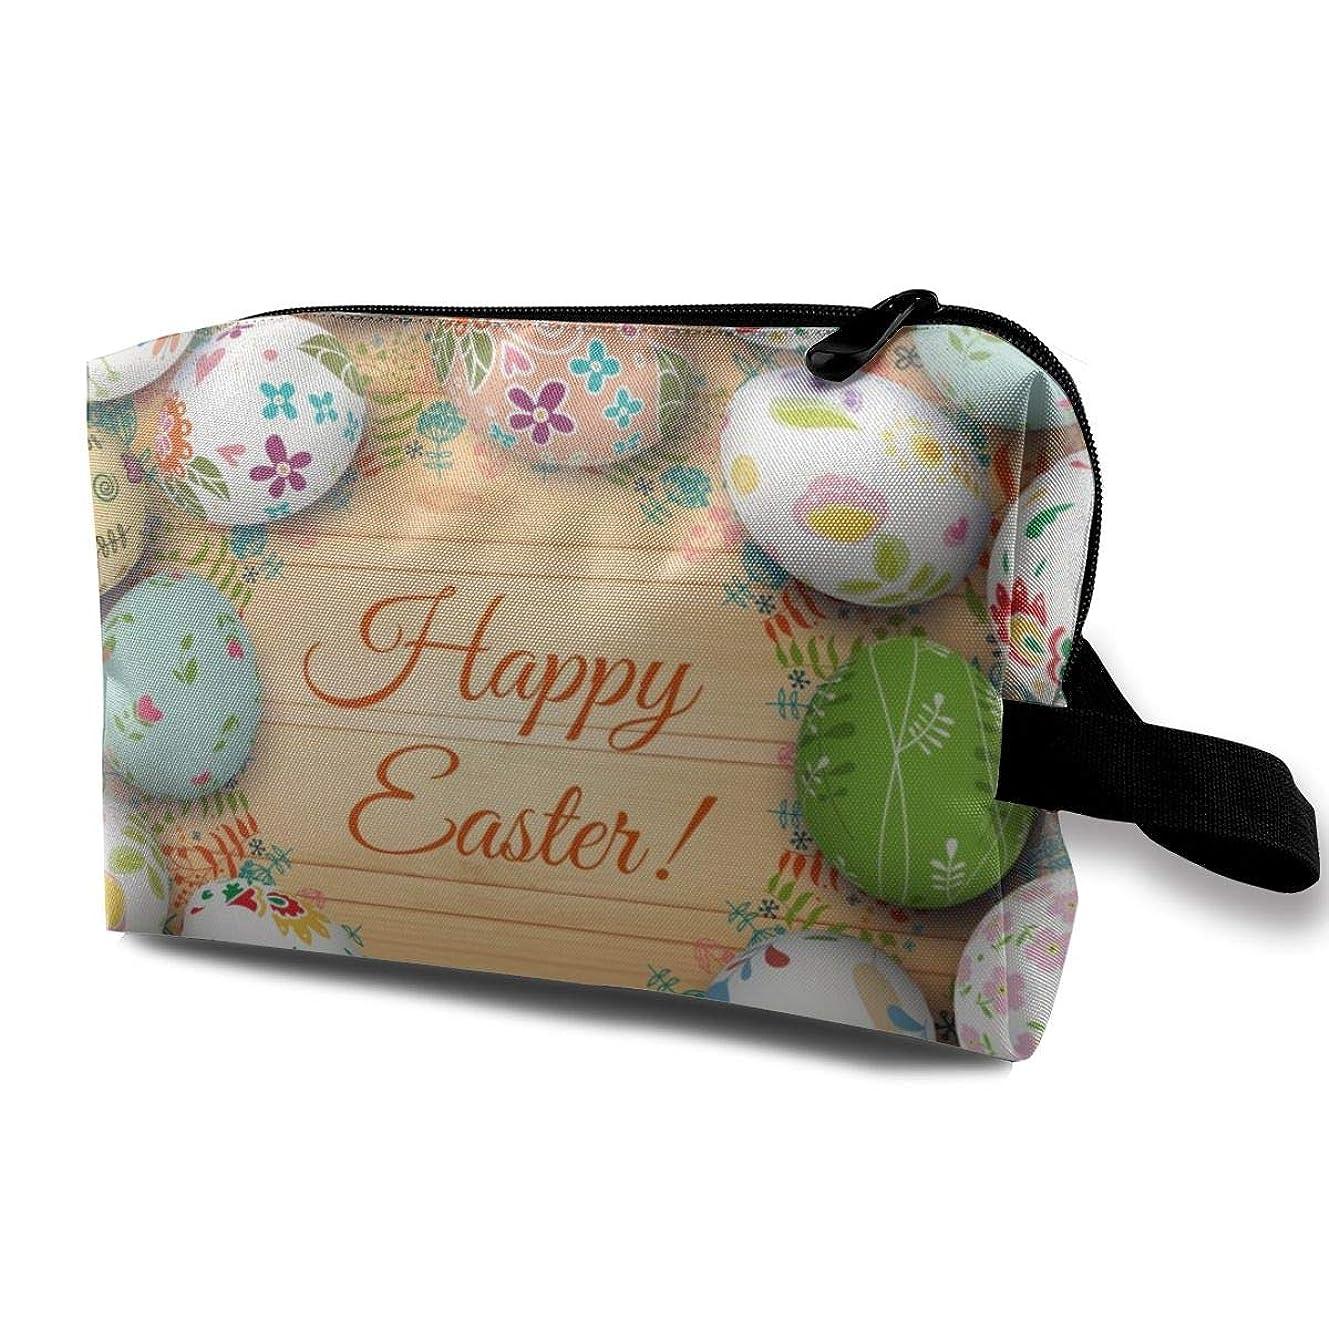 グロー羊の服を着た狼禁輸Easter Card And Eggs 収納ポーチ 化粧ポーチ 大容量 軽量 耐久性 ハンドル付持ち運び便利。入れ 自宅?出張?旅行?アウトドア撮影などに対応。メンズ レディース トラベルグッズ